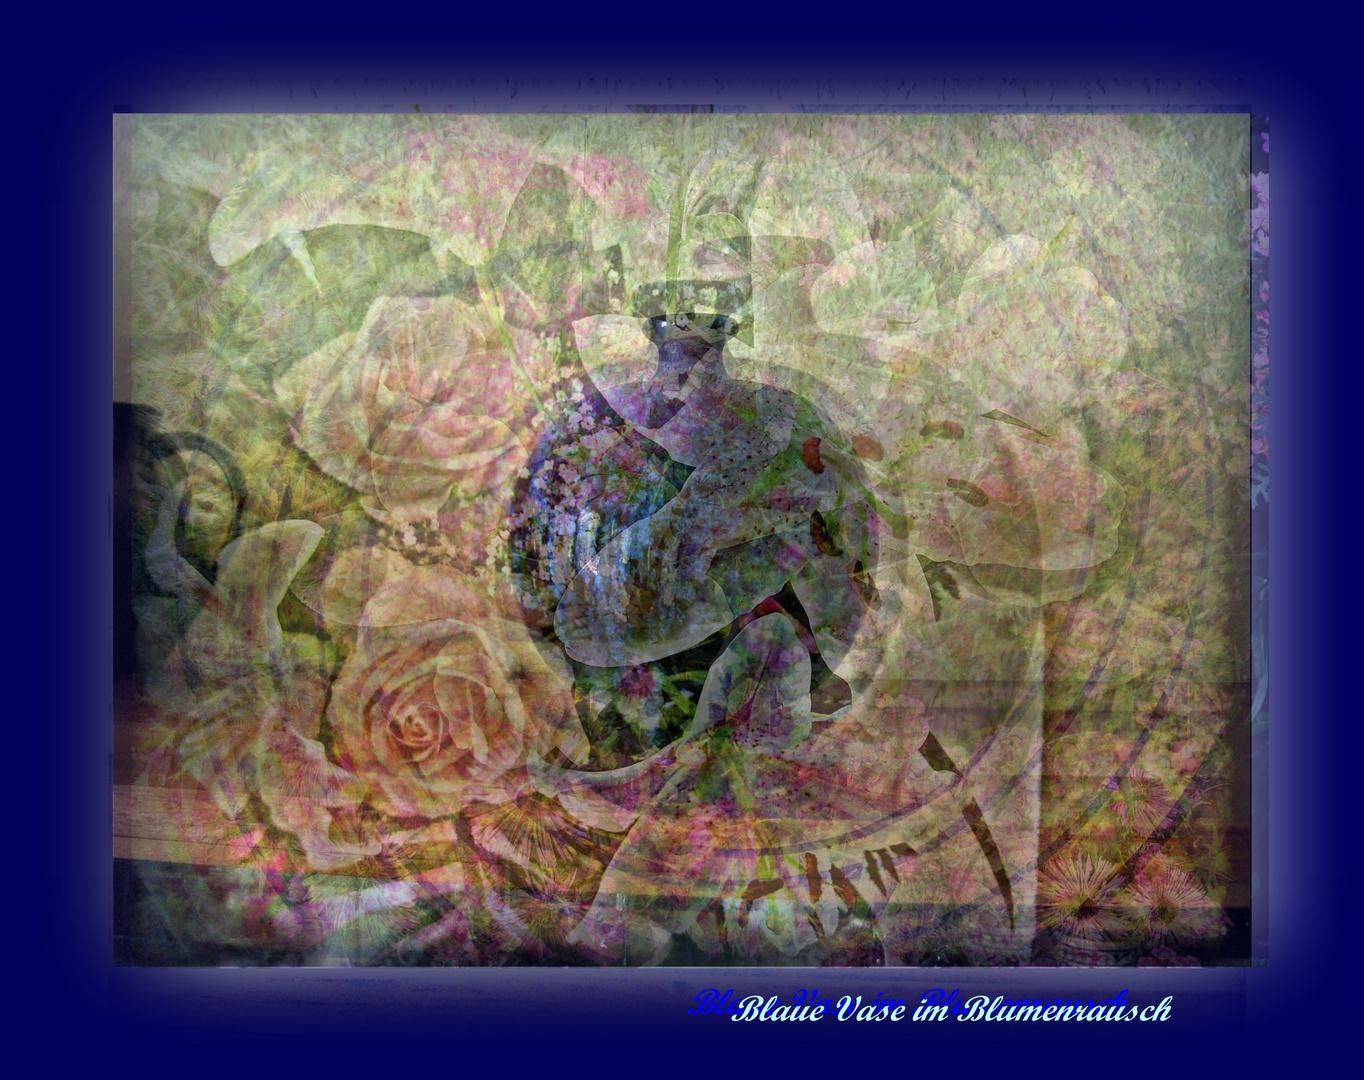 Blaue Vase im Blumenrausch